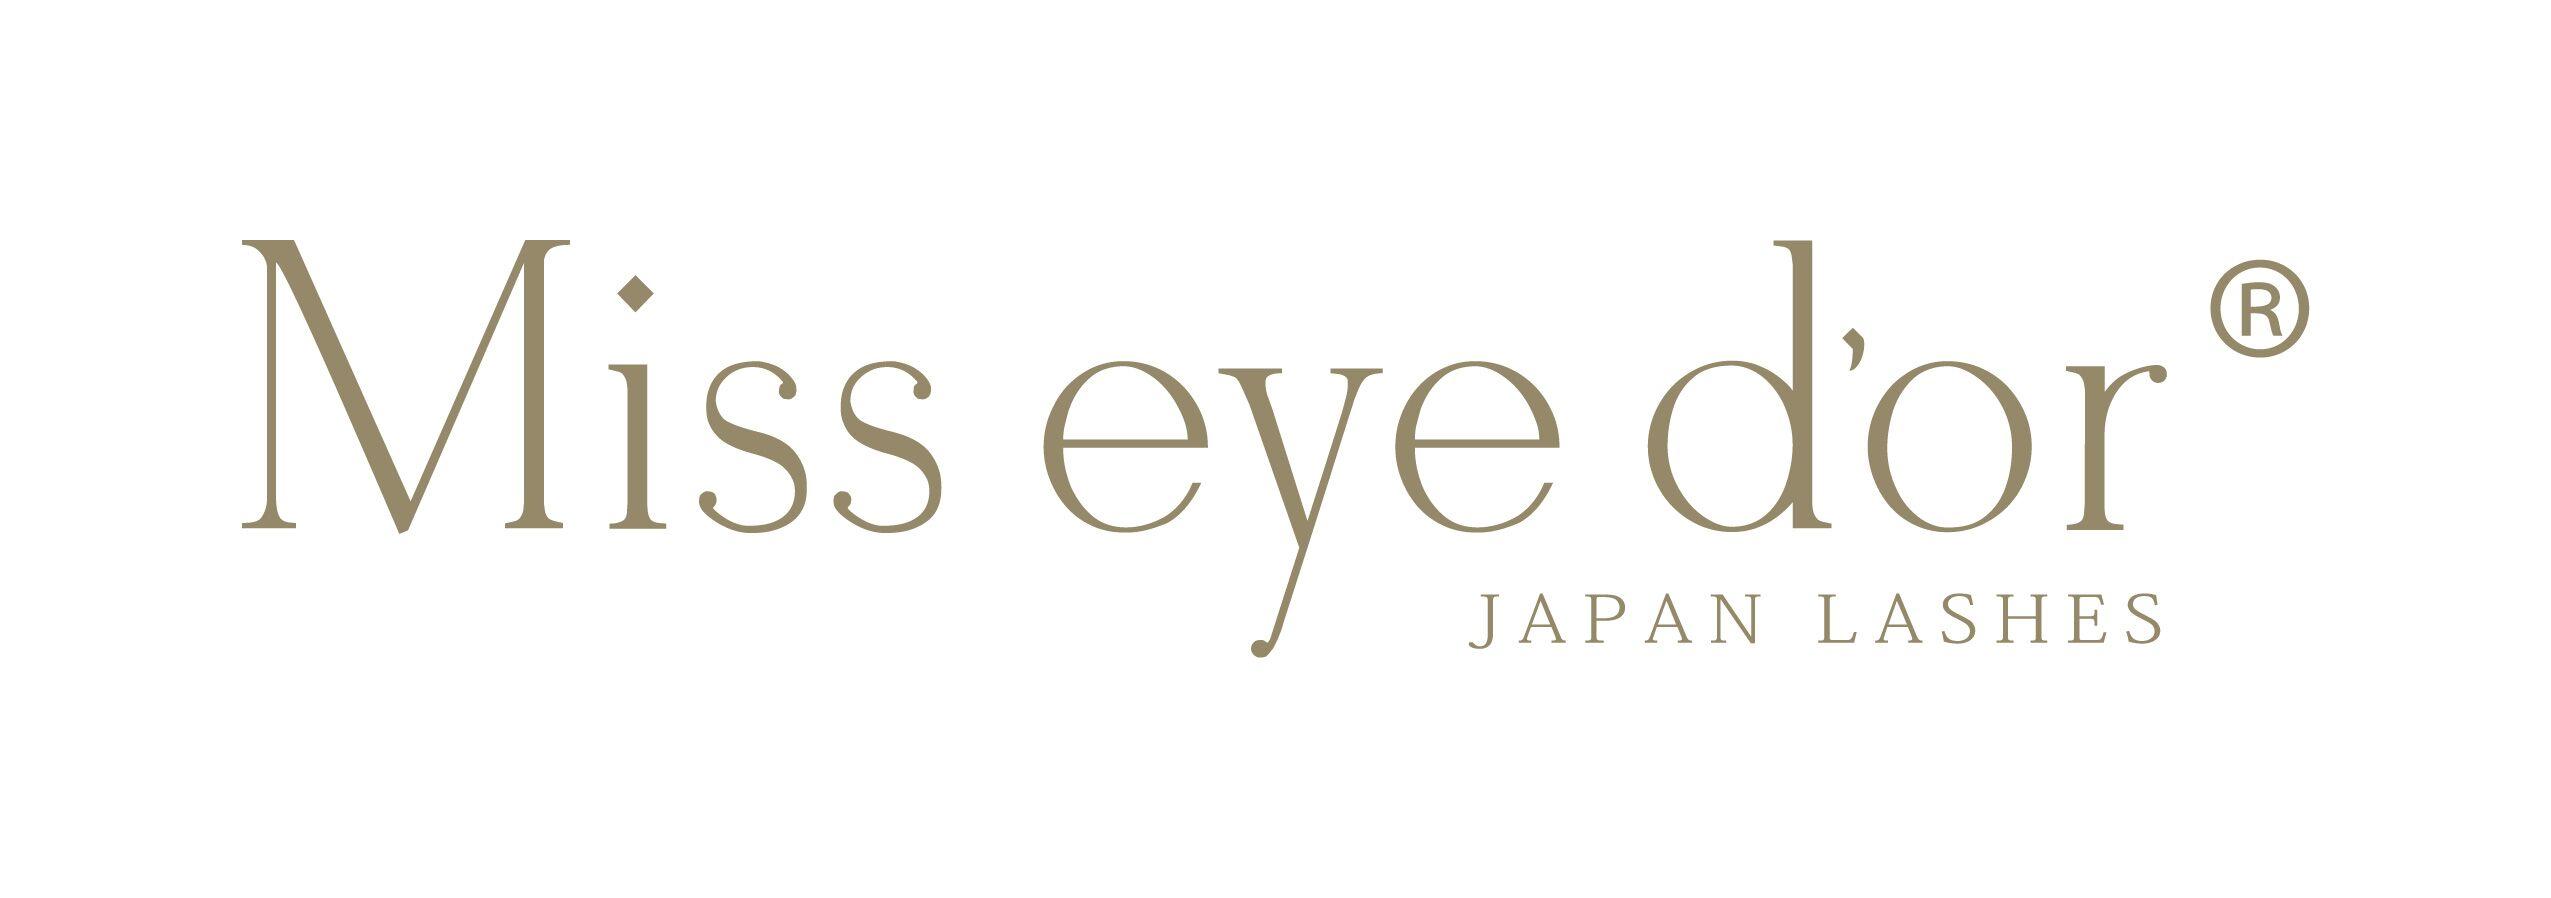 Miss eye d'or